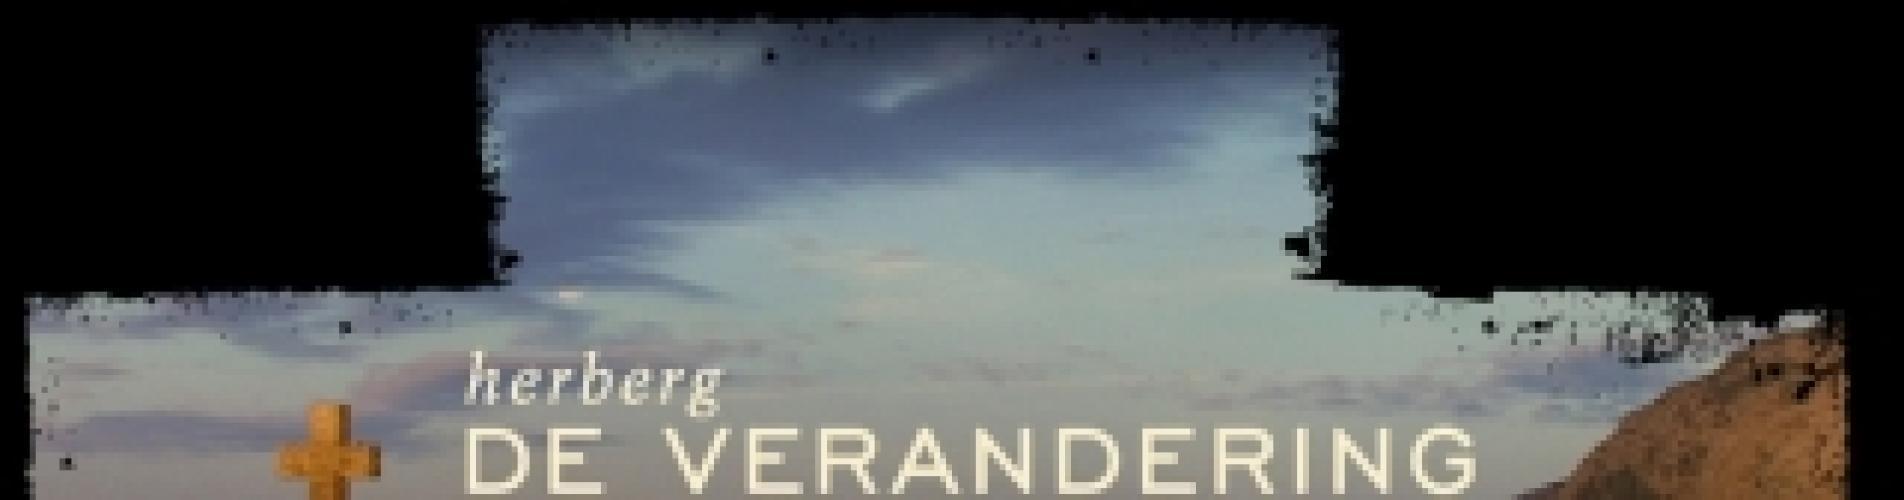 Herberg De Verandering next episode air date poster